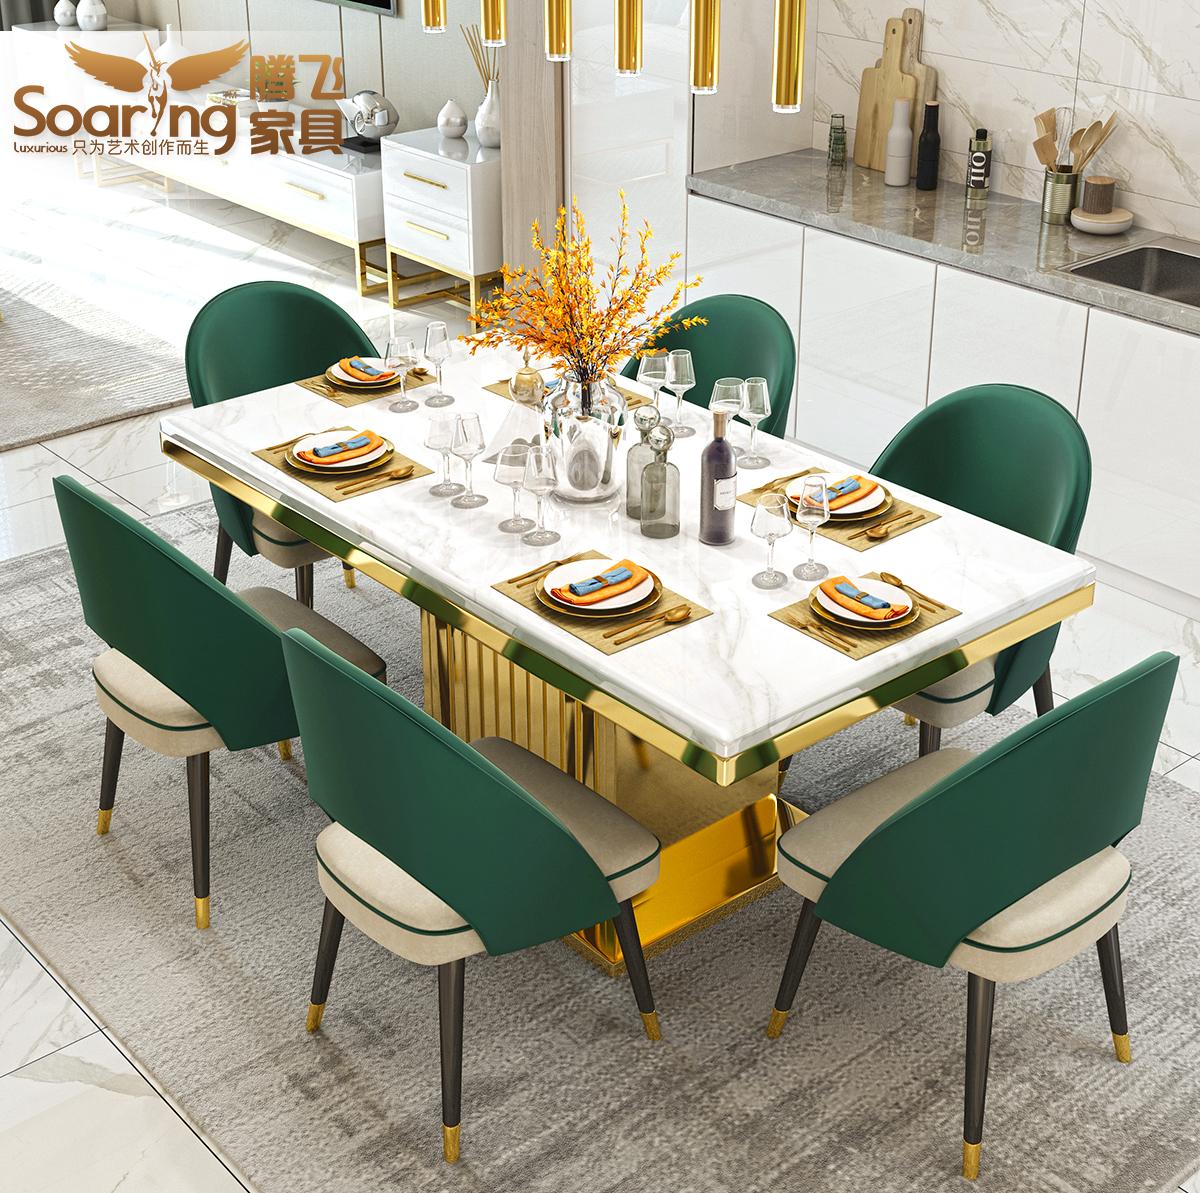 (用100元券)简约现代餐桌轻奢大理石饭桌港式家具长餐桌椅子组合腾飞五金家具